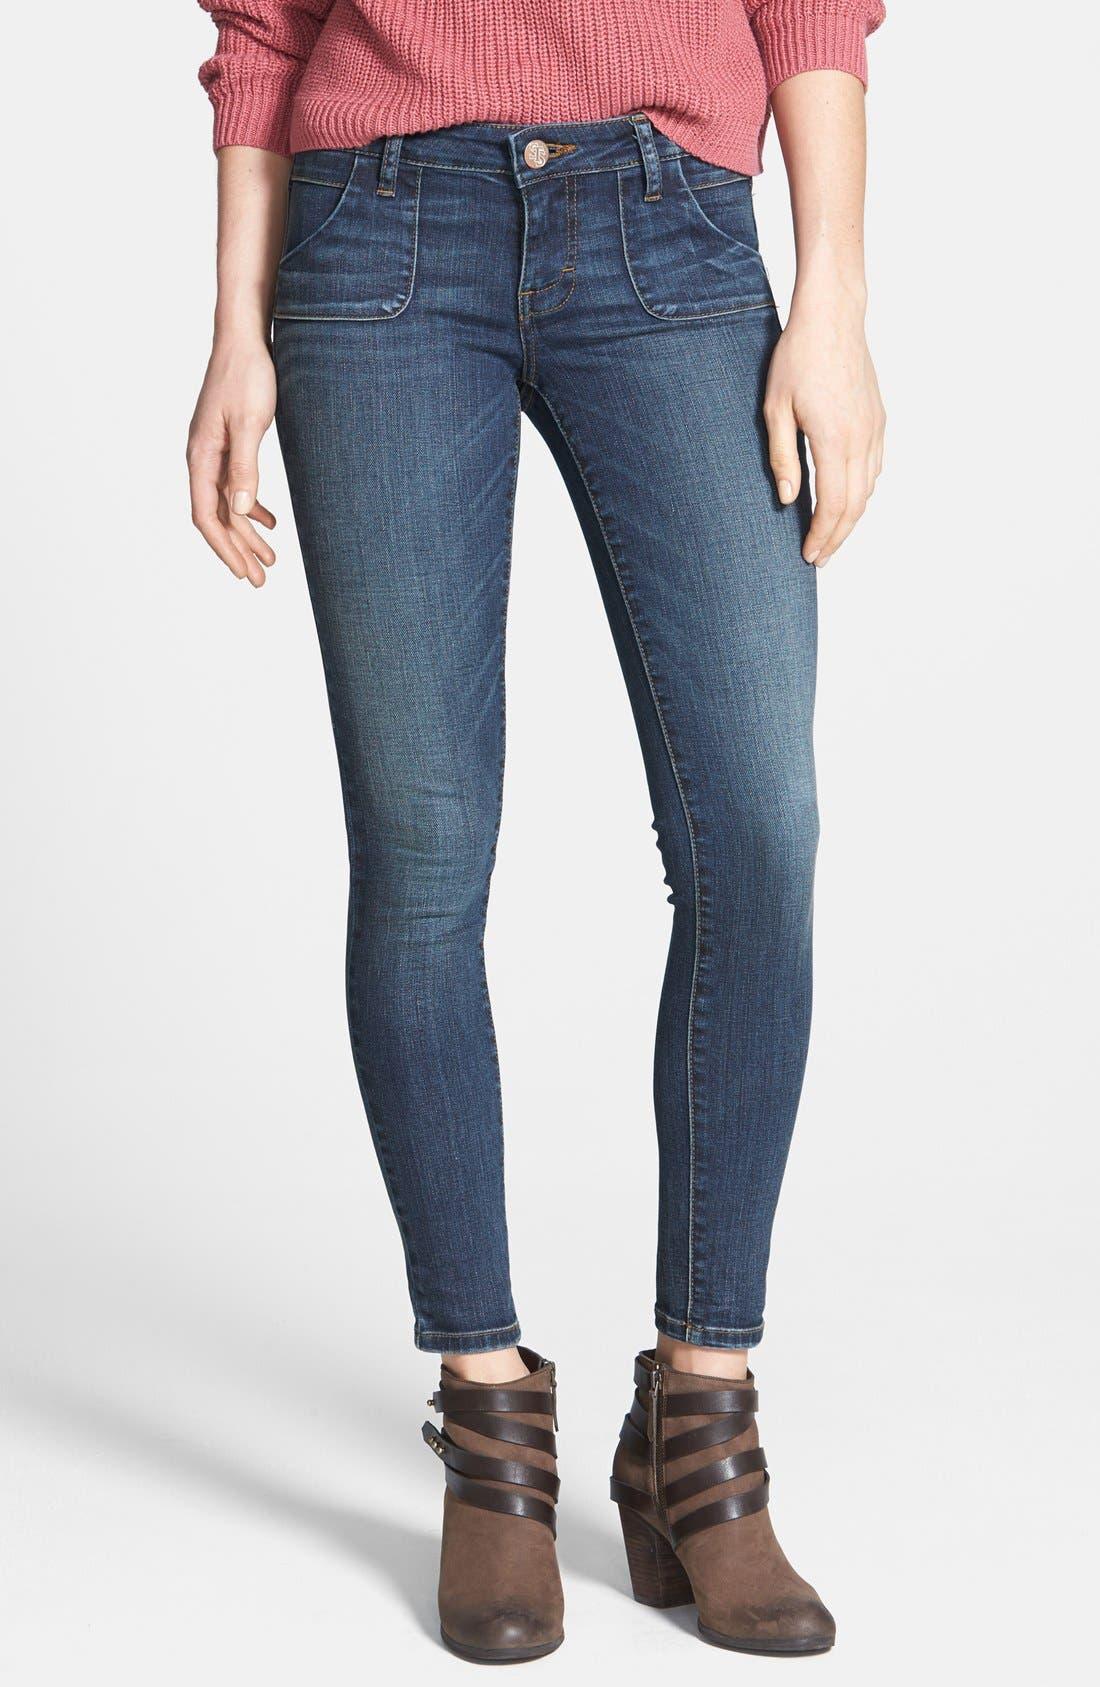 Alternate Image 1 Selected - STS Blue Porkchop Pocket Skinny Jeans (Dark) (Juniors)